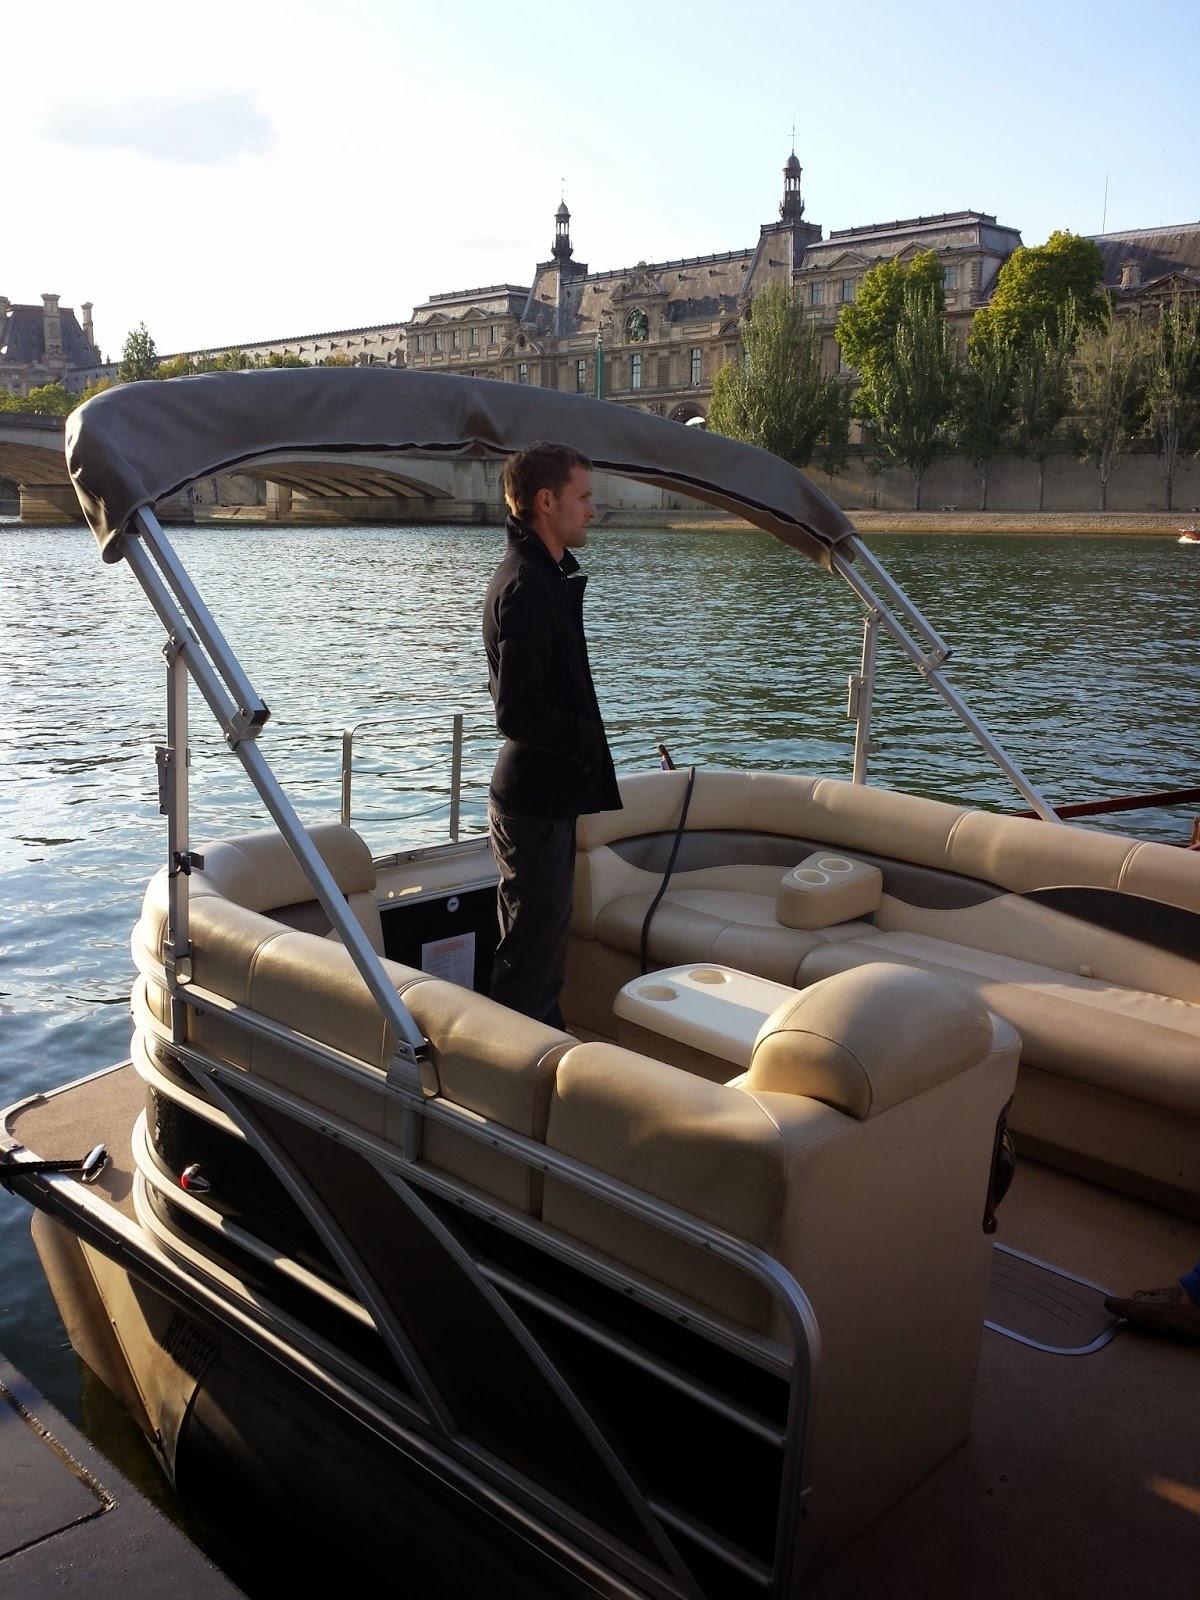 balade vip sur la seine bateau mon paris bons plans sorties paris. Black Bedroom Furniture Sets. Home Design Ideas